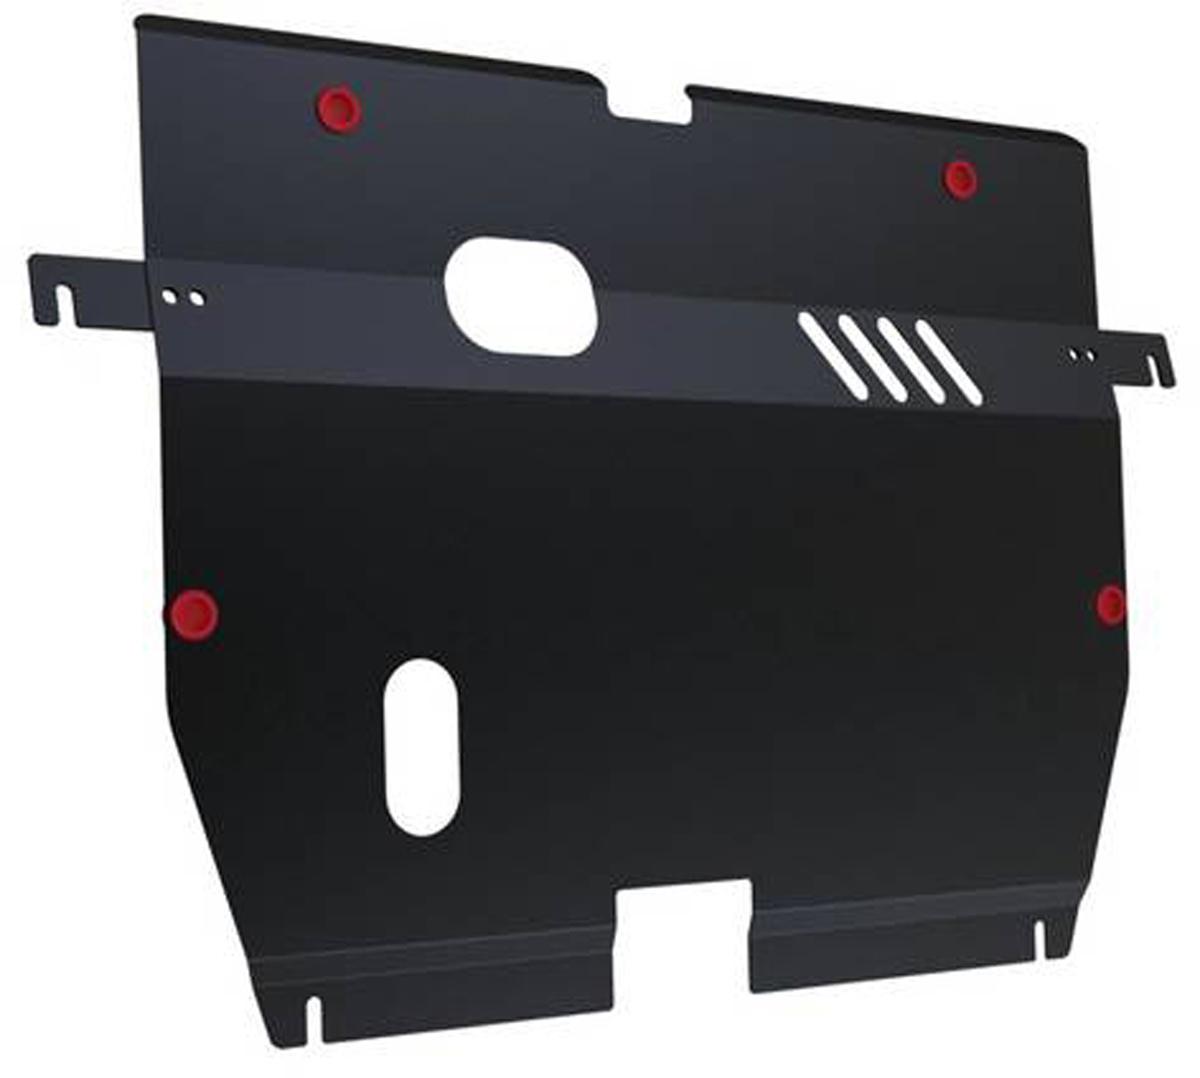 Защита картера и КПП Автоброня Hyundai Sonata 2005-2010, сталь 2 мм111.02311.1Защита картера и КПП Автоброня Hyundai Sonata NF, V - 2,0; 2,4 2005-2010, сталь 2 мм, комплект крепежа, 111.02311.1Стальные защиты Автоброня надежно защищают ваш автомобиль от повреждений при наезде на бордюры, выступающие канализационные люки, кромки поврежденного асфальта или при ремонте дорог, не говоря уже о загородных дорогах. - Имеют оптимальное соотношение цена-качество. - Спроектированы с учетом особенностей автомобиля, что делает установку удобной. - Защита устанавливается в штатные места кузова автомобиля. - Является надежной защитой для важных элементов на протяжении долгих лет. - Глубокий штамп дополнительно усиливает конструкцию защиты. - Подштамповка в местах крепления защищает крепеж от срезания. - Технологические отверстия там, где они необходимы для смены масла и слива воды, оборудованные заглушками, закрепленными на защите. Толщина стали 2 мм. В комплекте крепеж и инструкция по установке.Уважаемые клиенты! Обращаем ваше внимание на тот факт, что защита имеет форму, соответствующую модели данного автомобиля. Наличие глубокого штампа и лючков для смены фильтров/масла предусмотрено не на всех защитах. Фото служит для визуального восприятия товара.